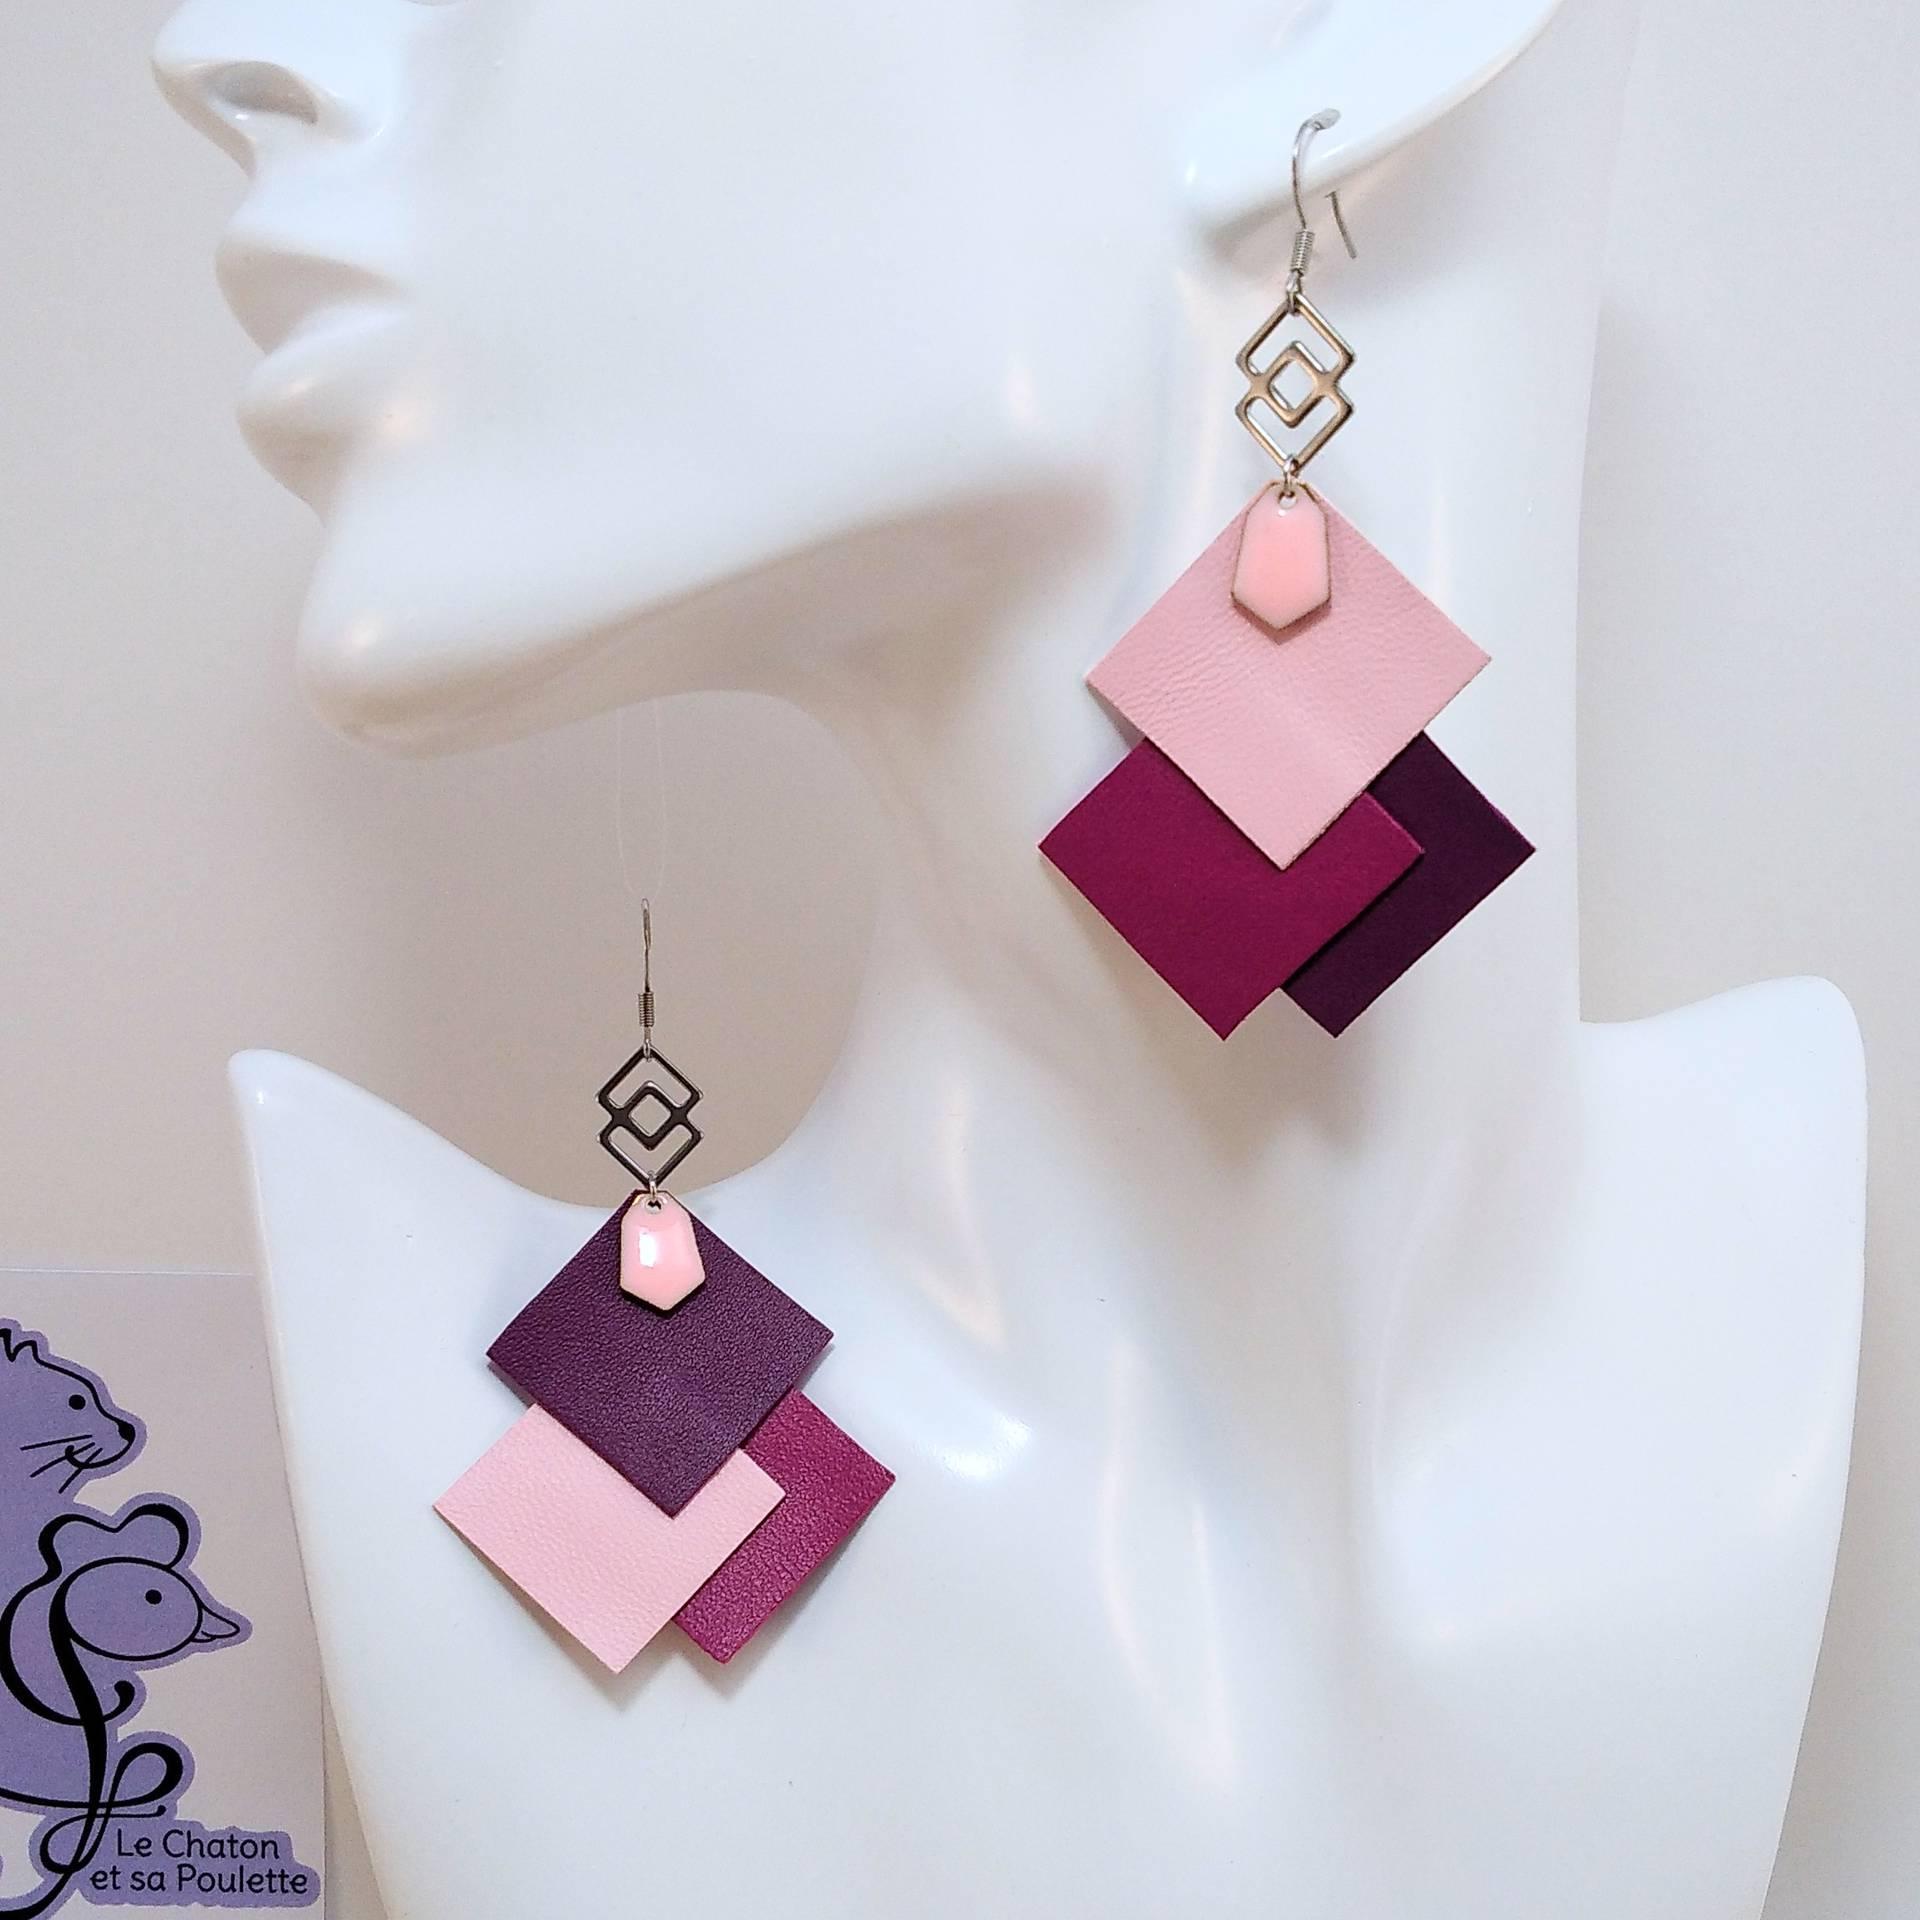 B.O. FORMIDABLE modèle 6 Cuirs rose dragée/fuchsia/améthyste, breloque inox carrés entrelacés et diamant rose clair